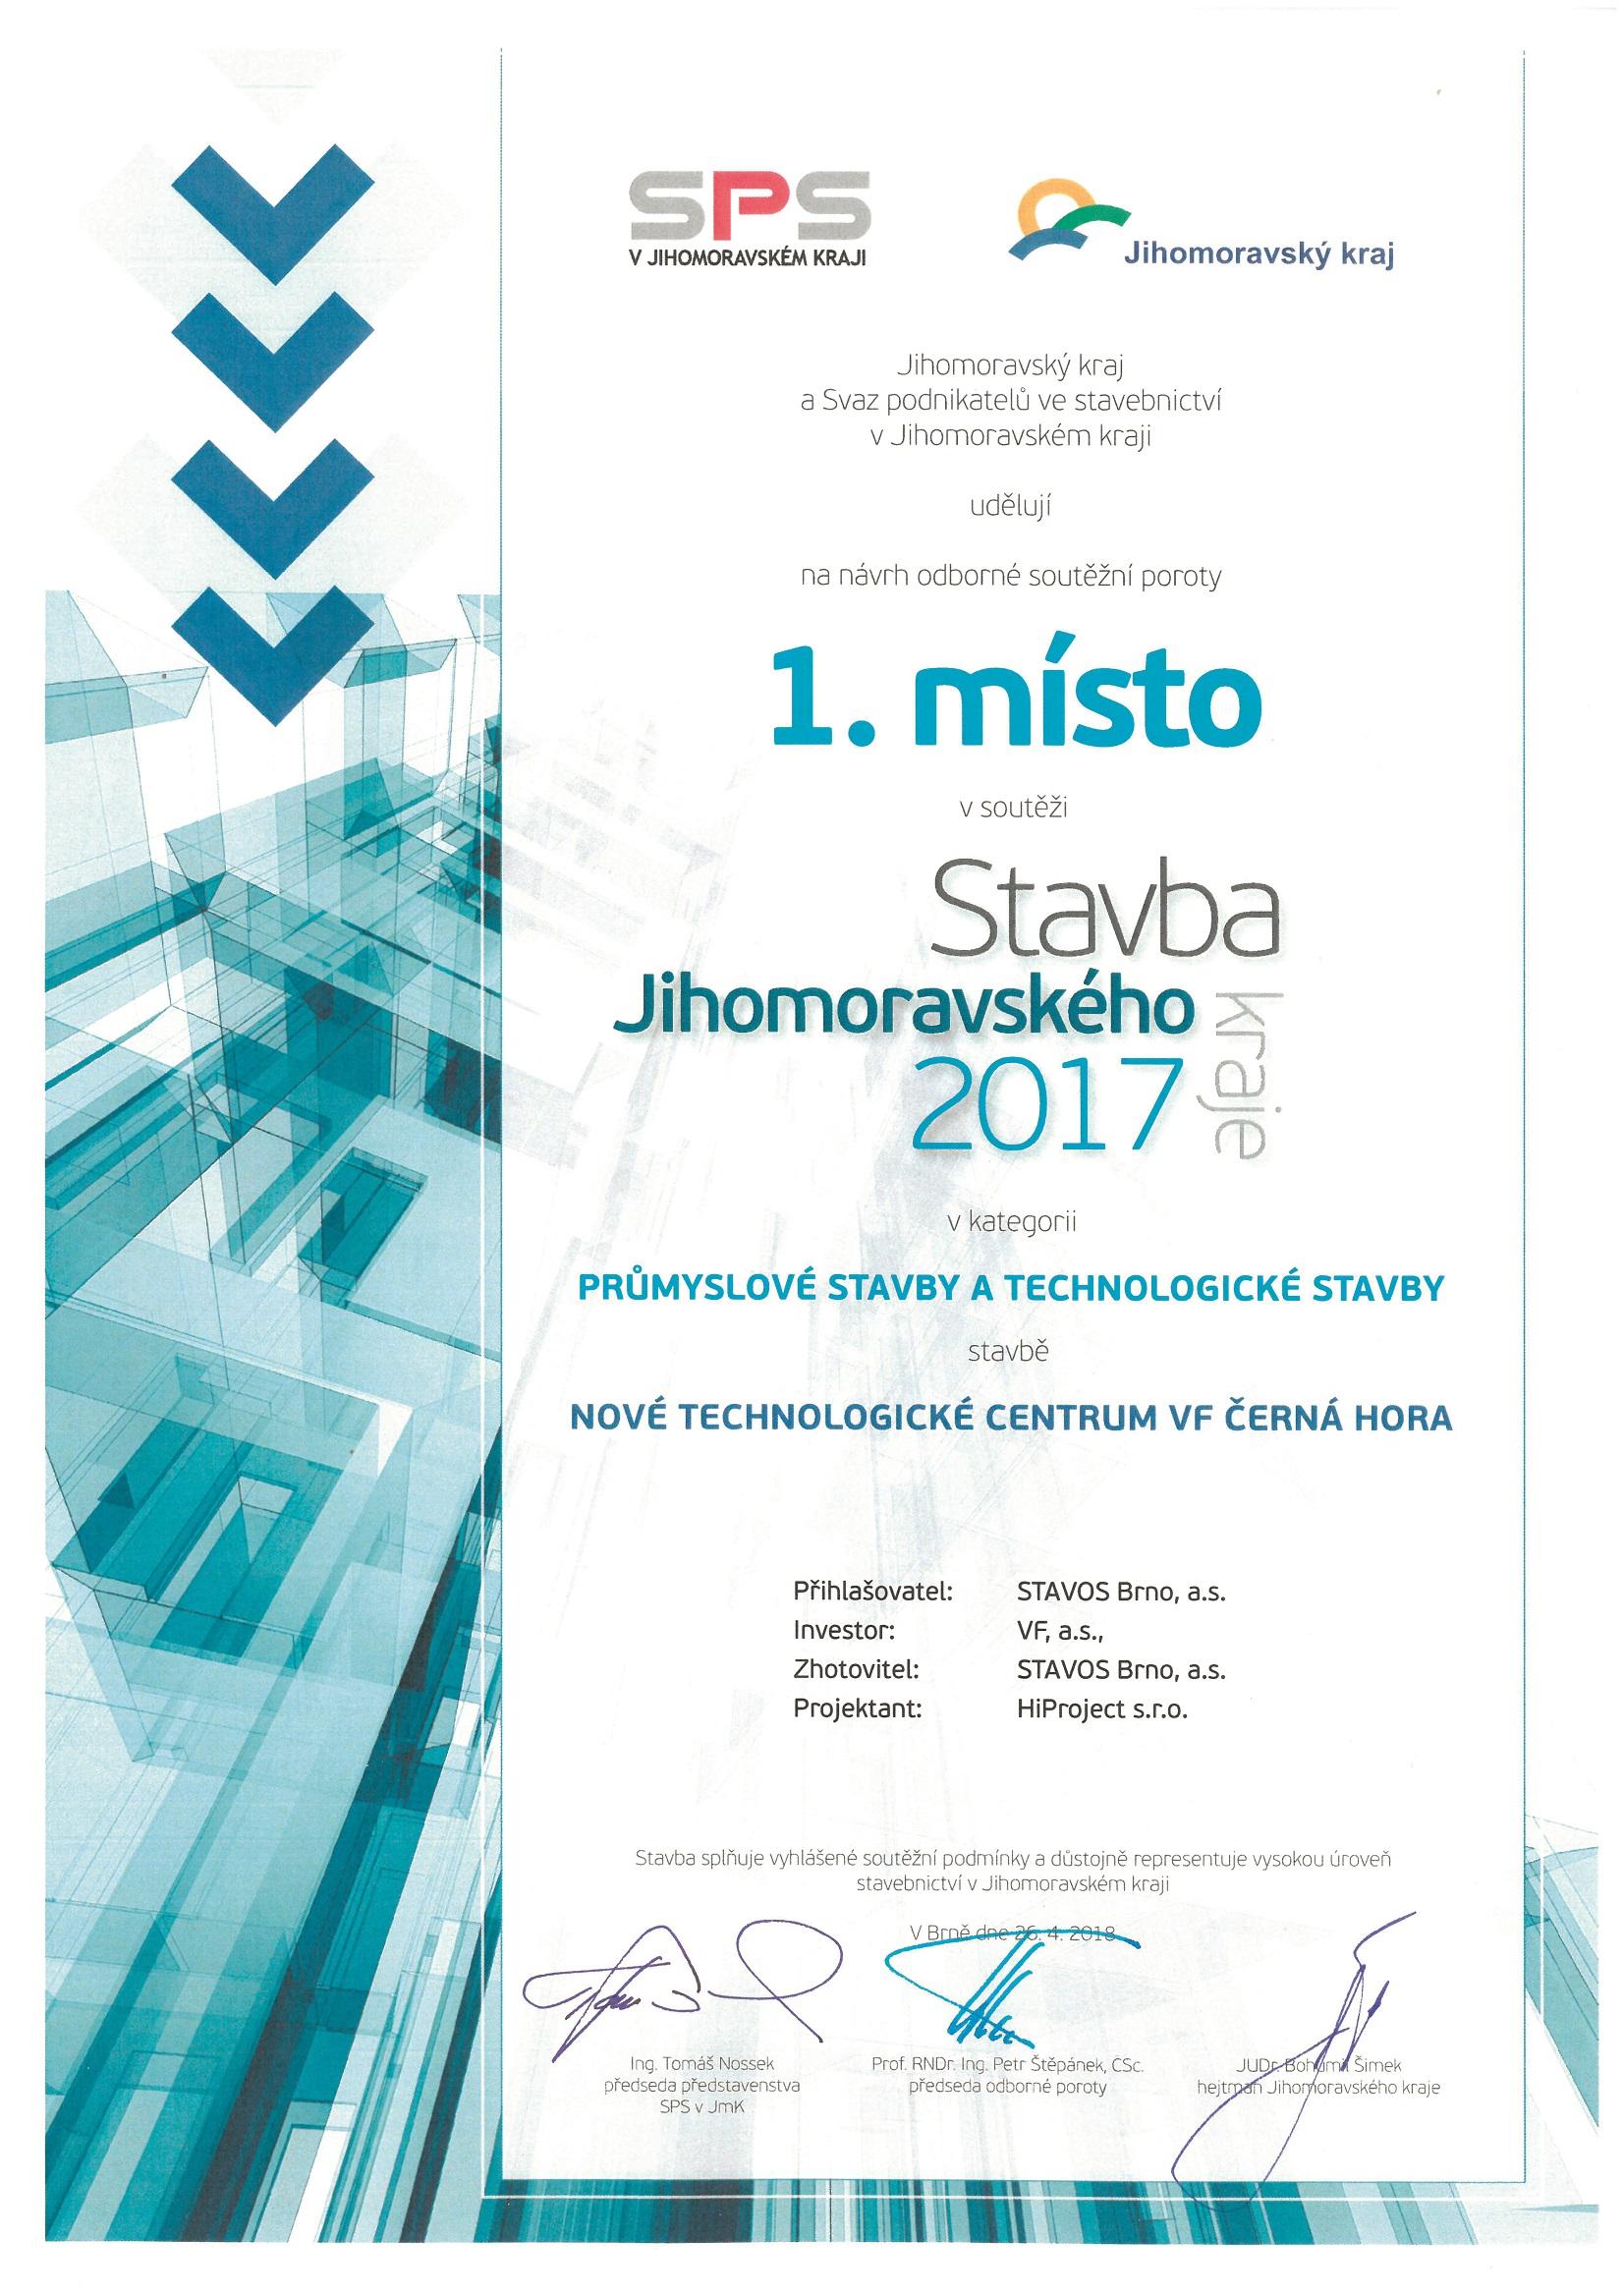 STAVBA JMK 2017 - 1. místo